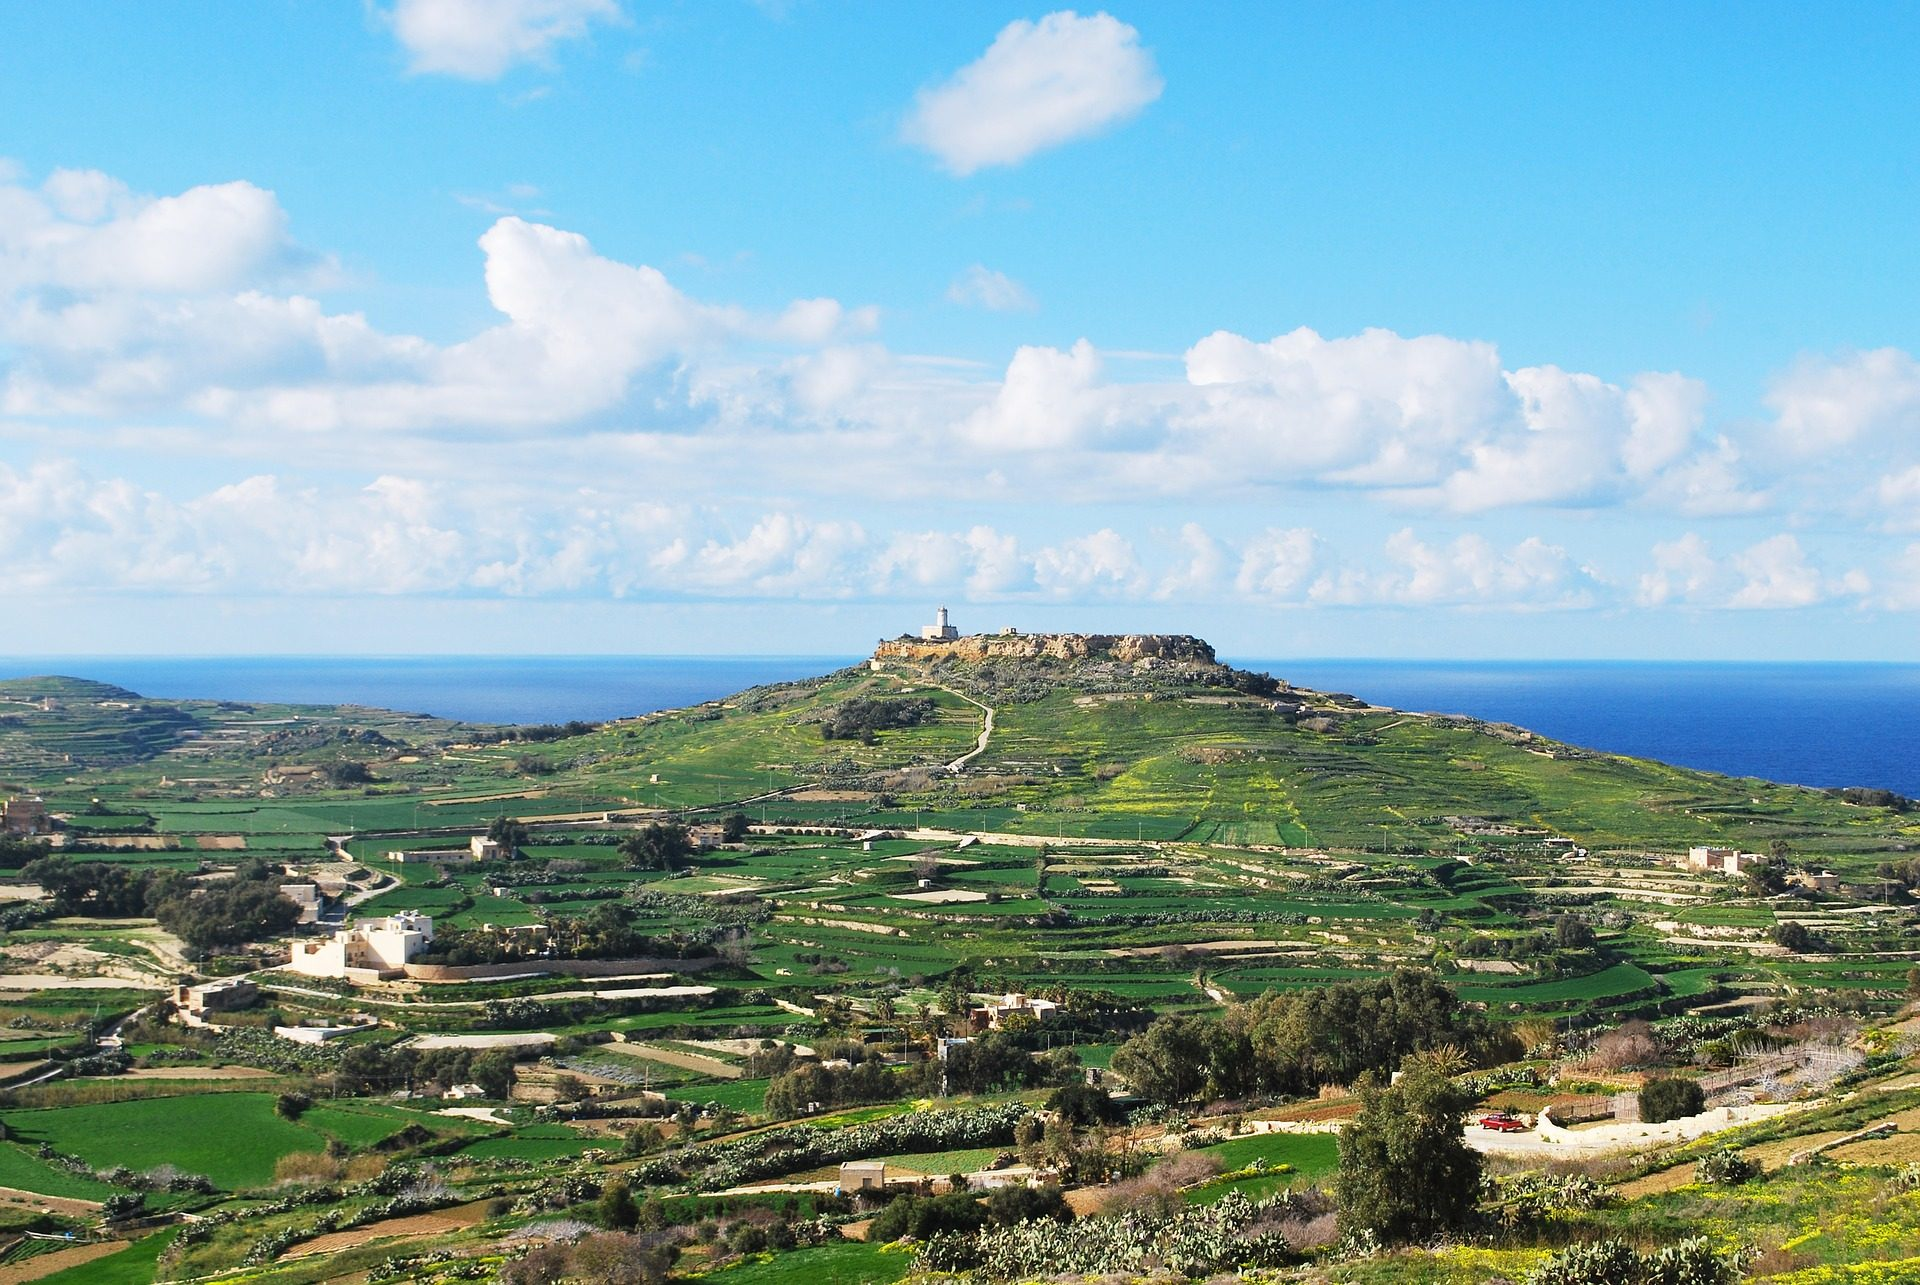 Malta Urlaub ab 179,00€ All Inclusive - Chillen auf Malta 3 Nächte .